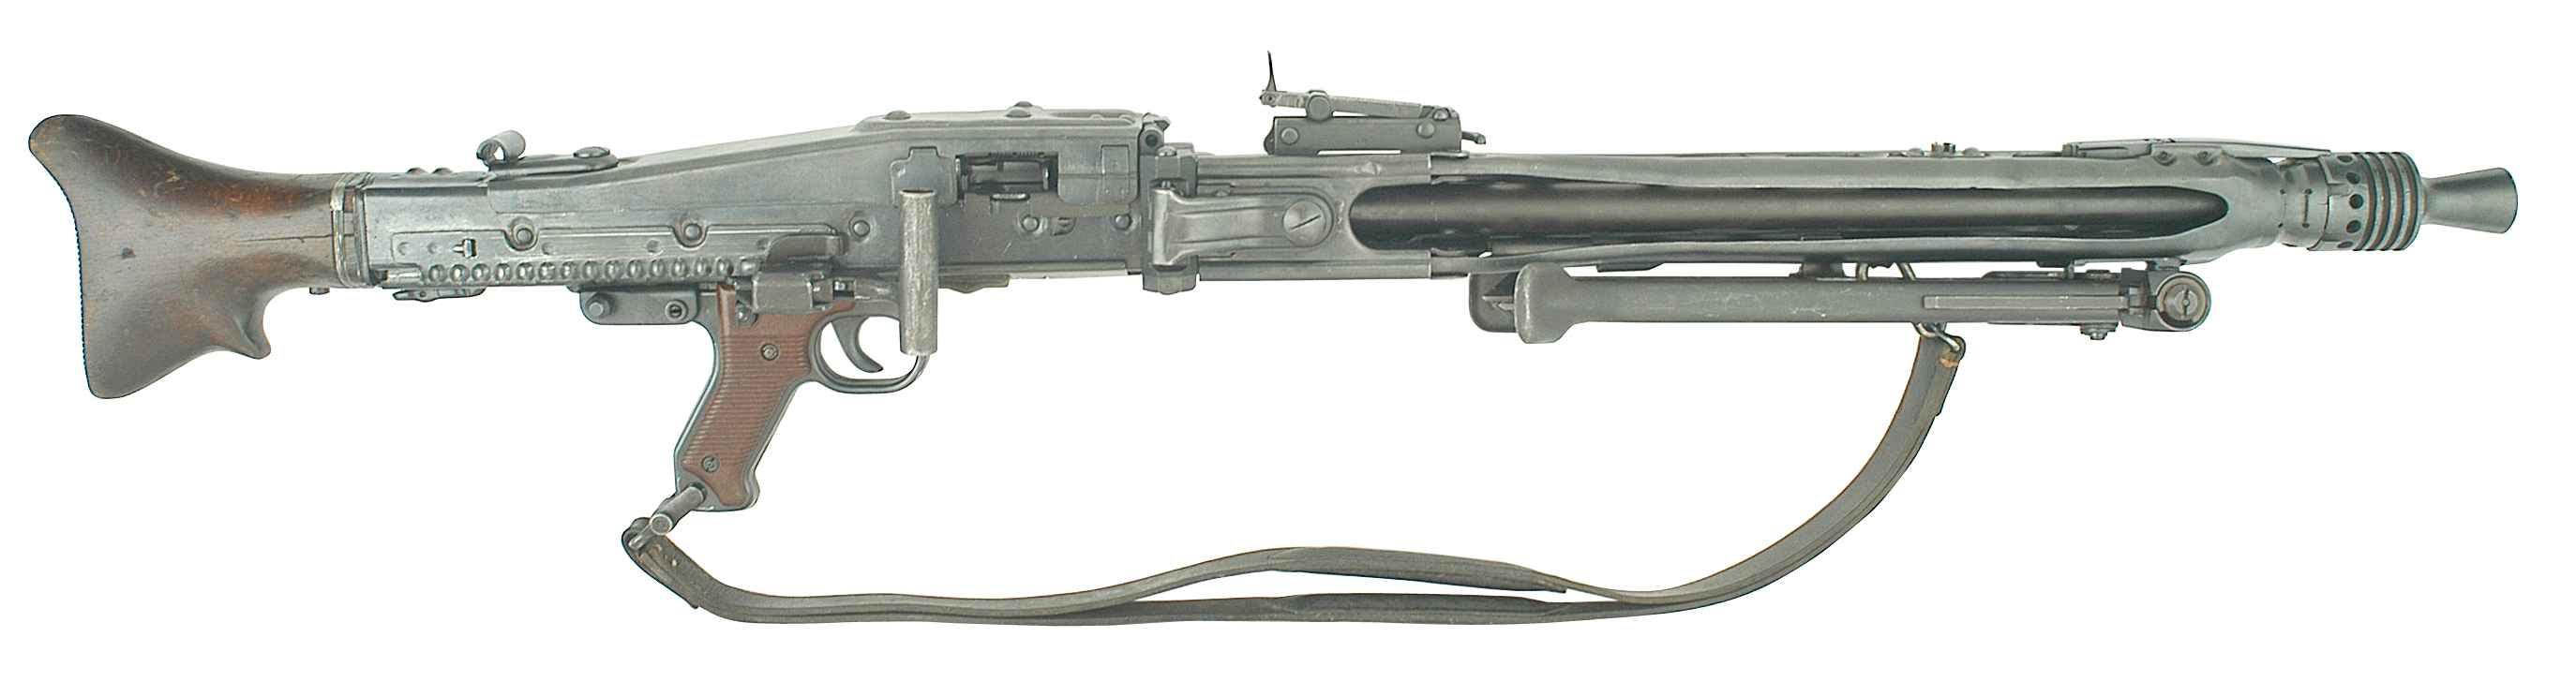 Resultado de imagen para MG-42